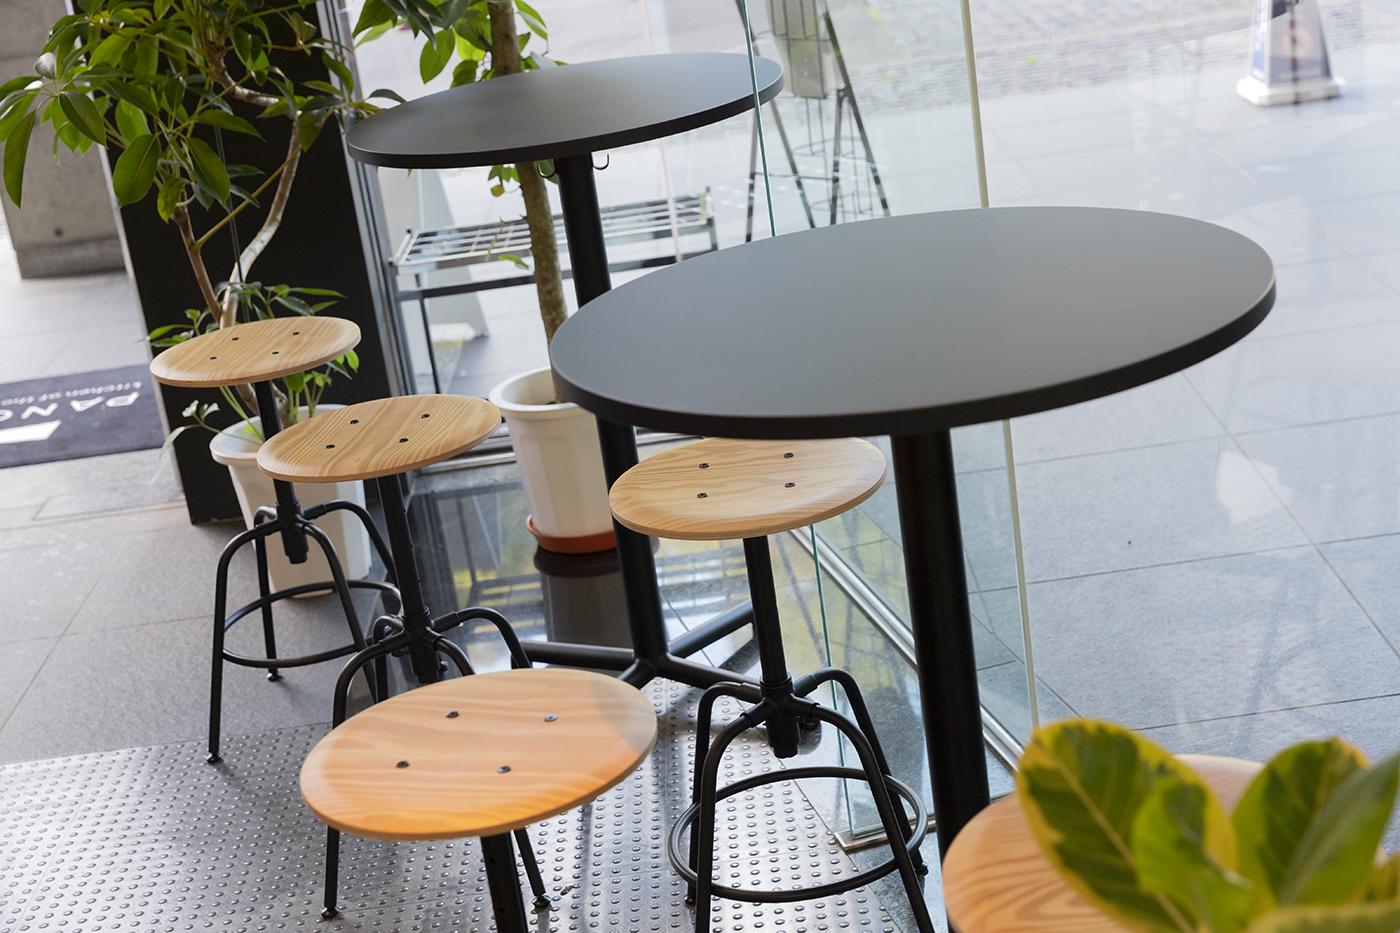 PANORA の店内の様子。黒いテーブル、丸椅子などの家具はIKEAのもの